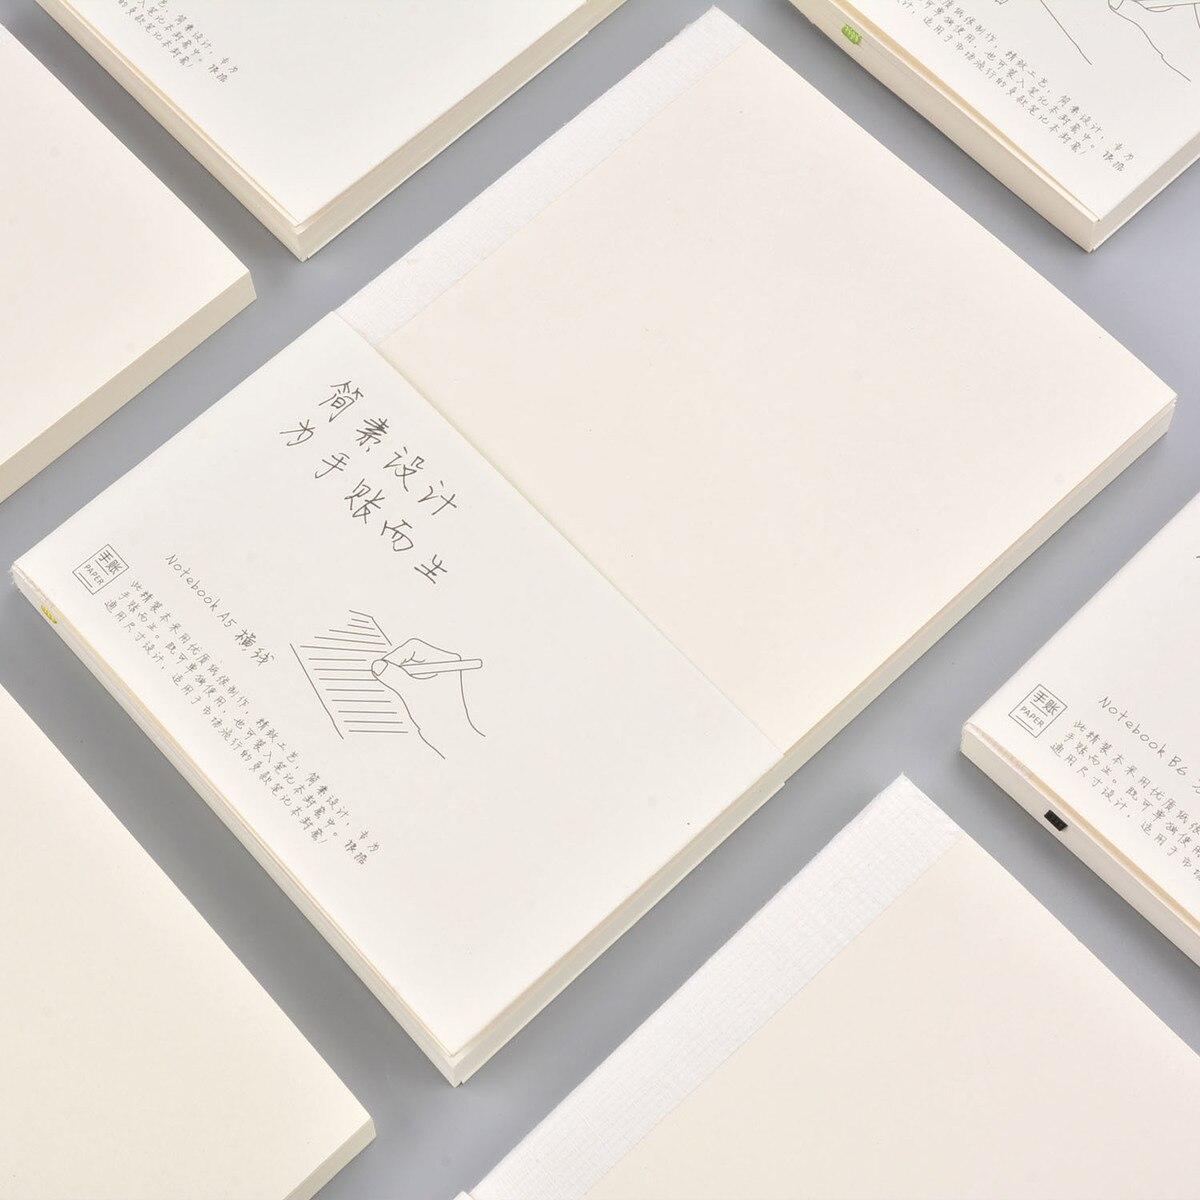 Совершенно новый планировщик, вставляемый дневник, Заправка для А5, А6, размер, блокнот, Обложка, сетка, пустая, 100 г, бумага, японский журнал, повестка дня, пуля